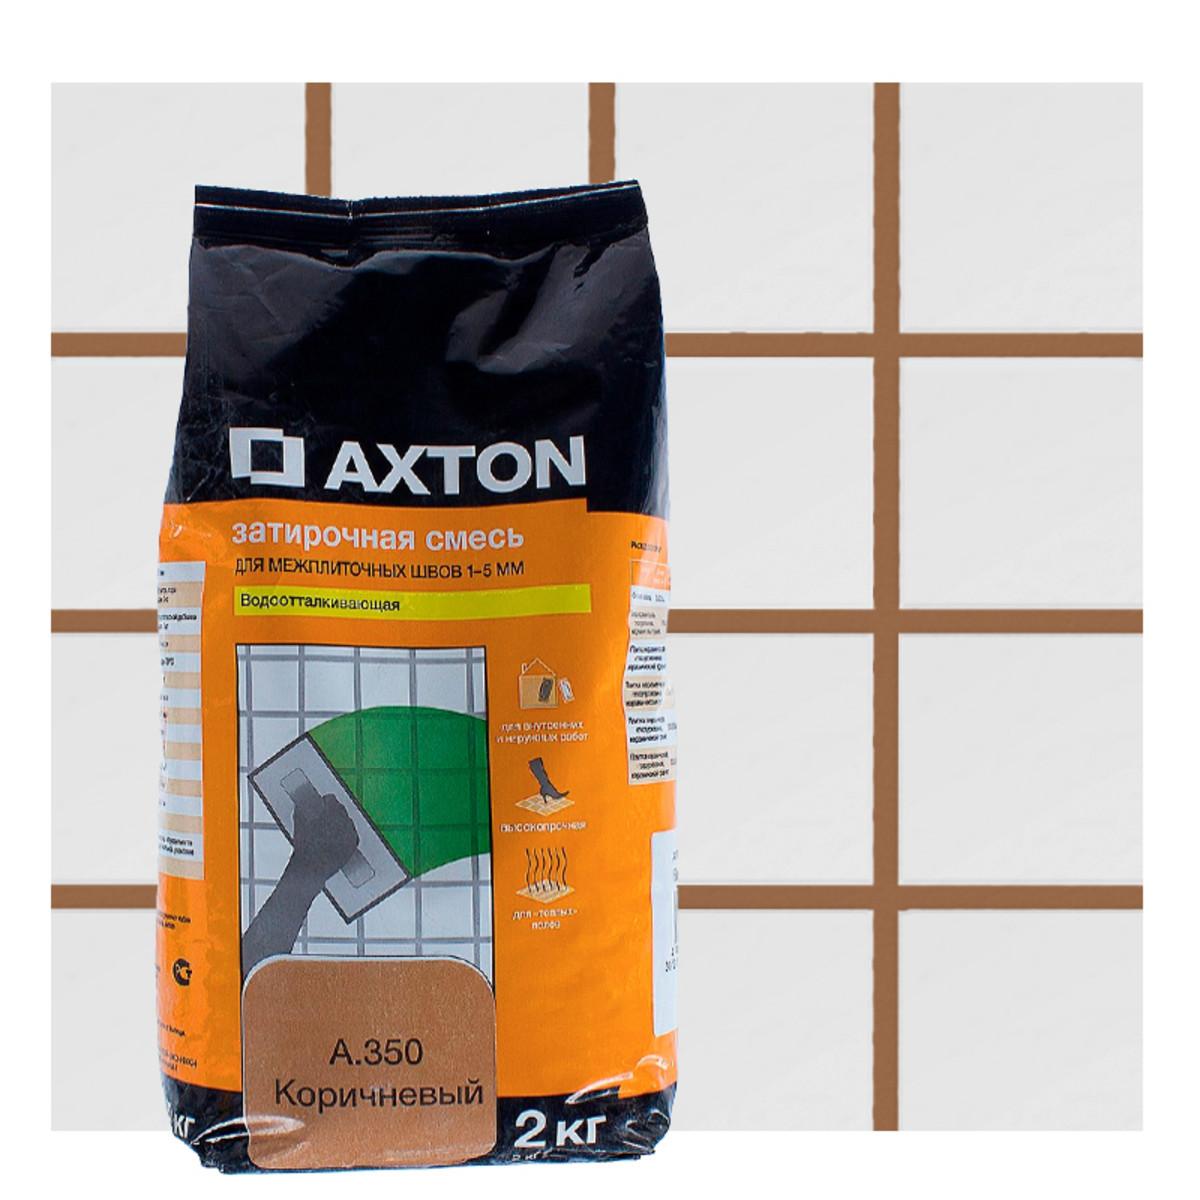 Затирка цементная Axton А.350 2 кг цвет коричневый